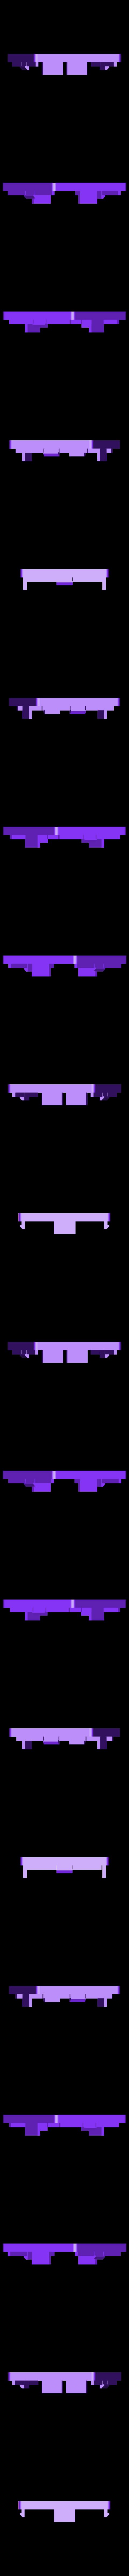 TL-Smoother_enclosure_2_boards_lid_v3.stl Télécharger fichier STL gratuit Boîtier TL-Smoother Plus (encore un autre) • Plan pour imprimante 3D, 3DED